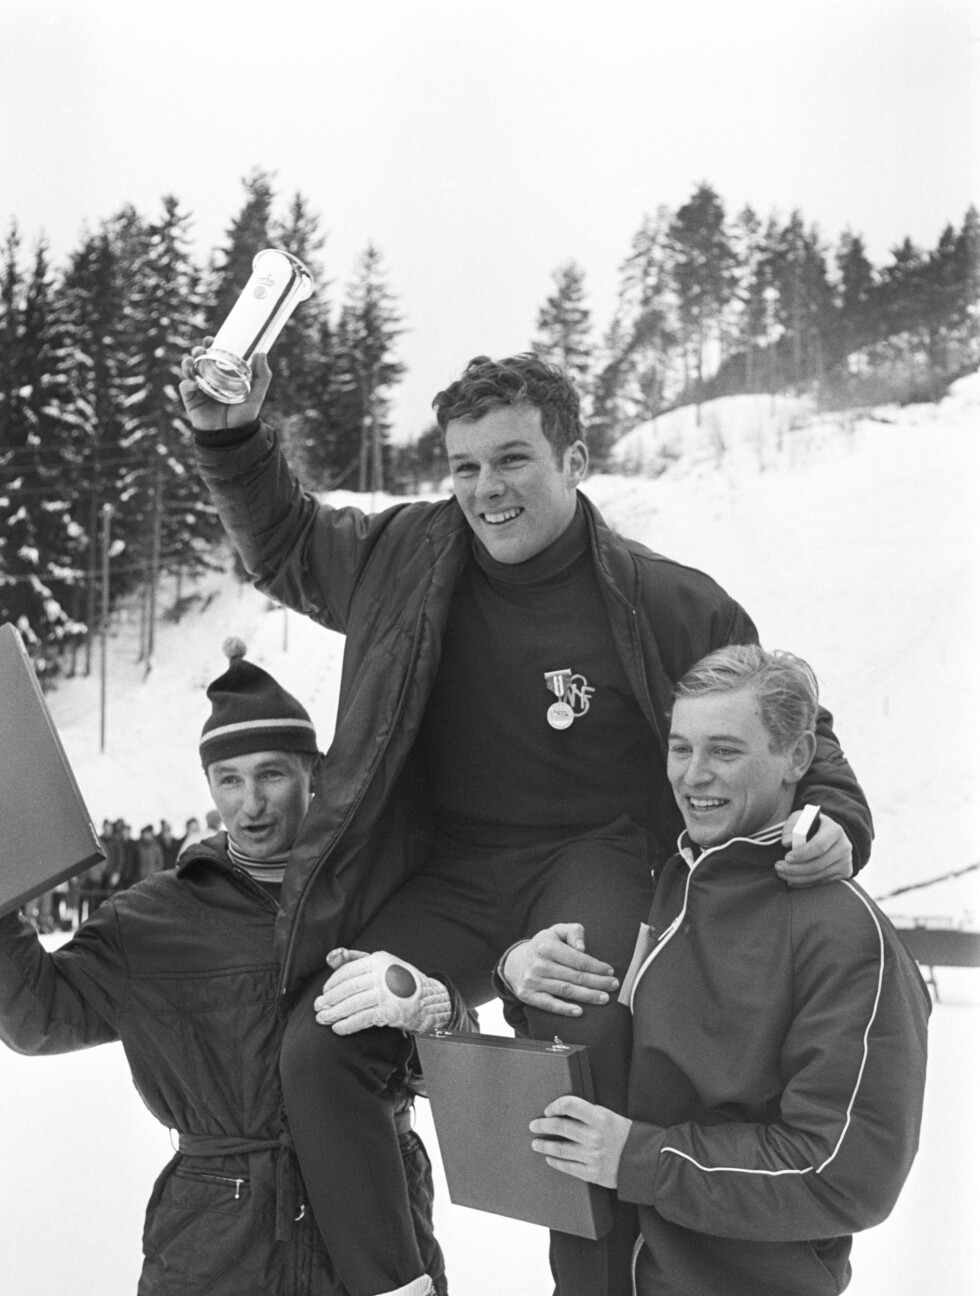 GODE VENNER: Bjørn Wirkola sier han tok nyheten om Ingolf Morks bortgang svært tungt. Hær bærer Wirkola og Mork (t.h) på Erling Stranden etter at han gikk til topps i NM i stor bakke i 1969.  Foto: Scanpix